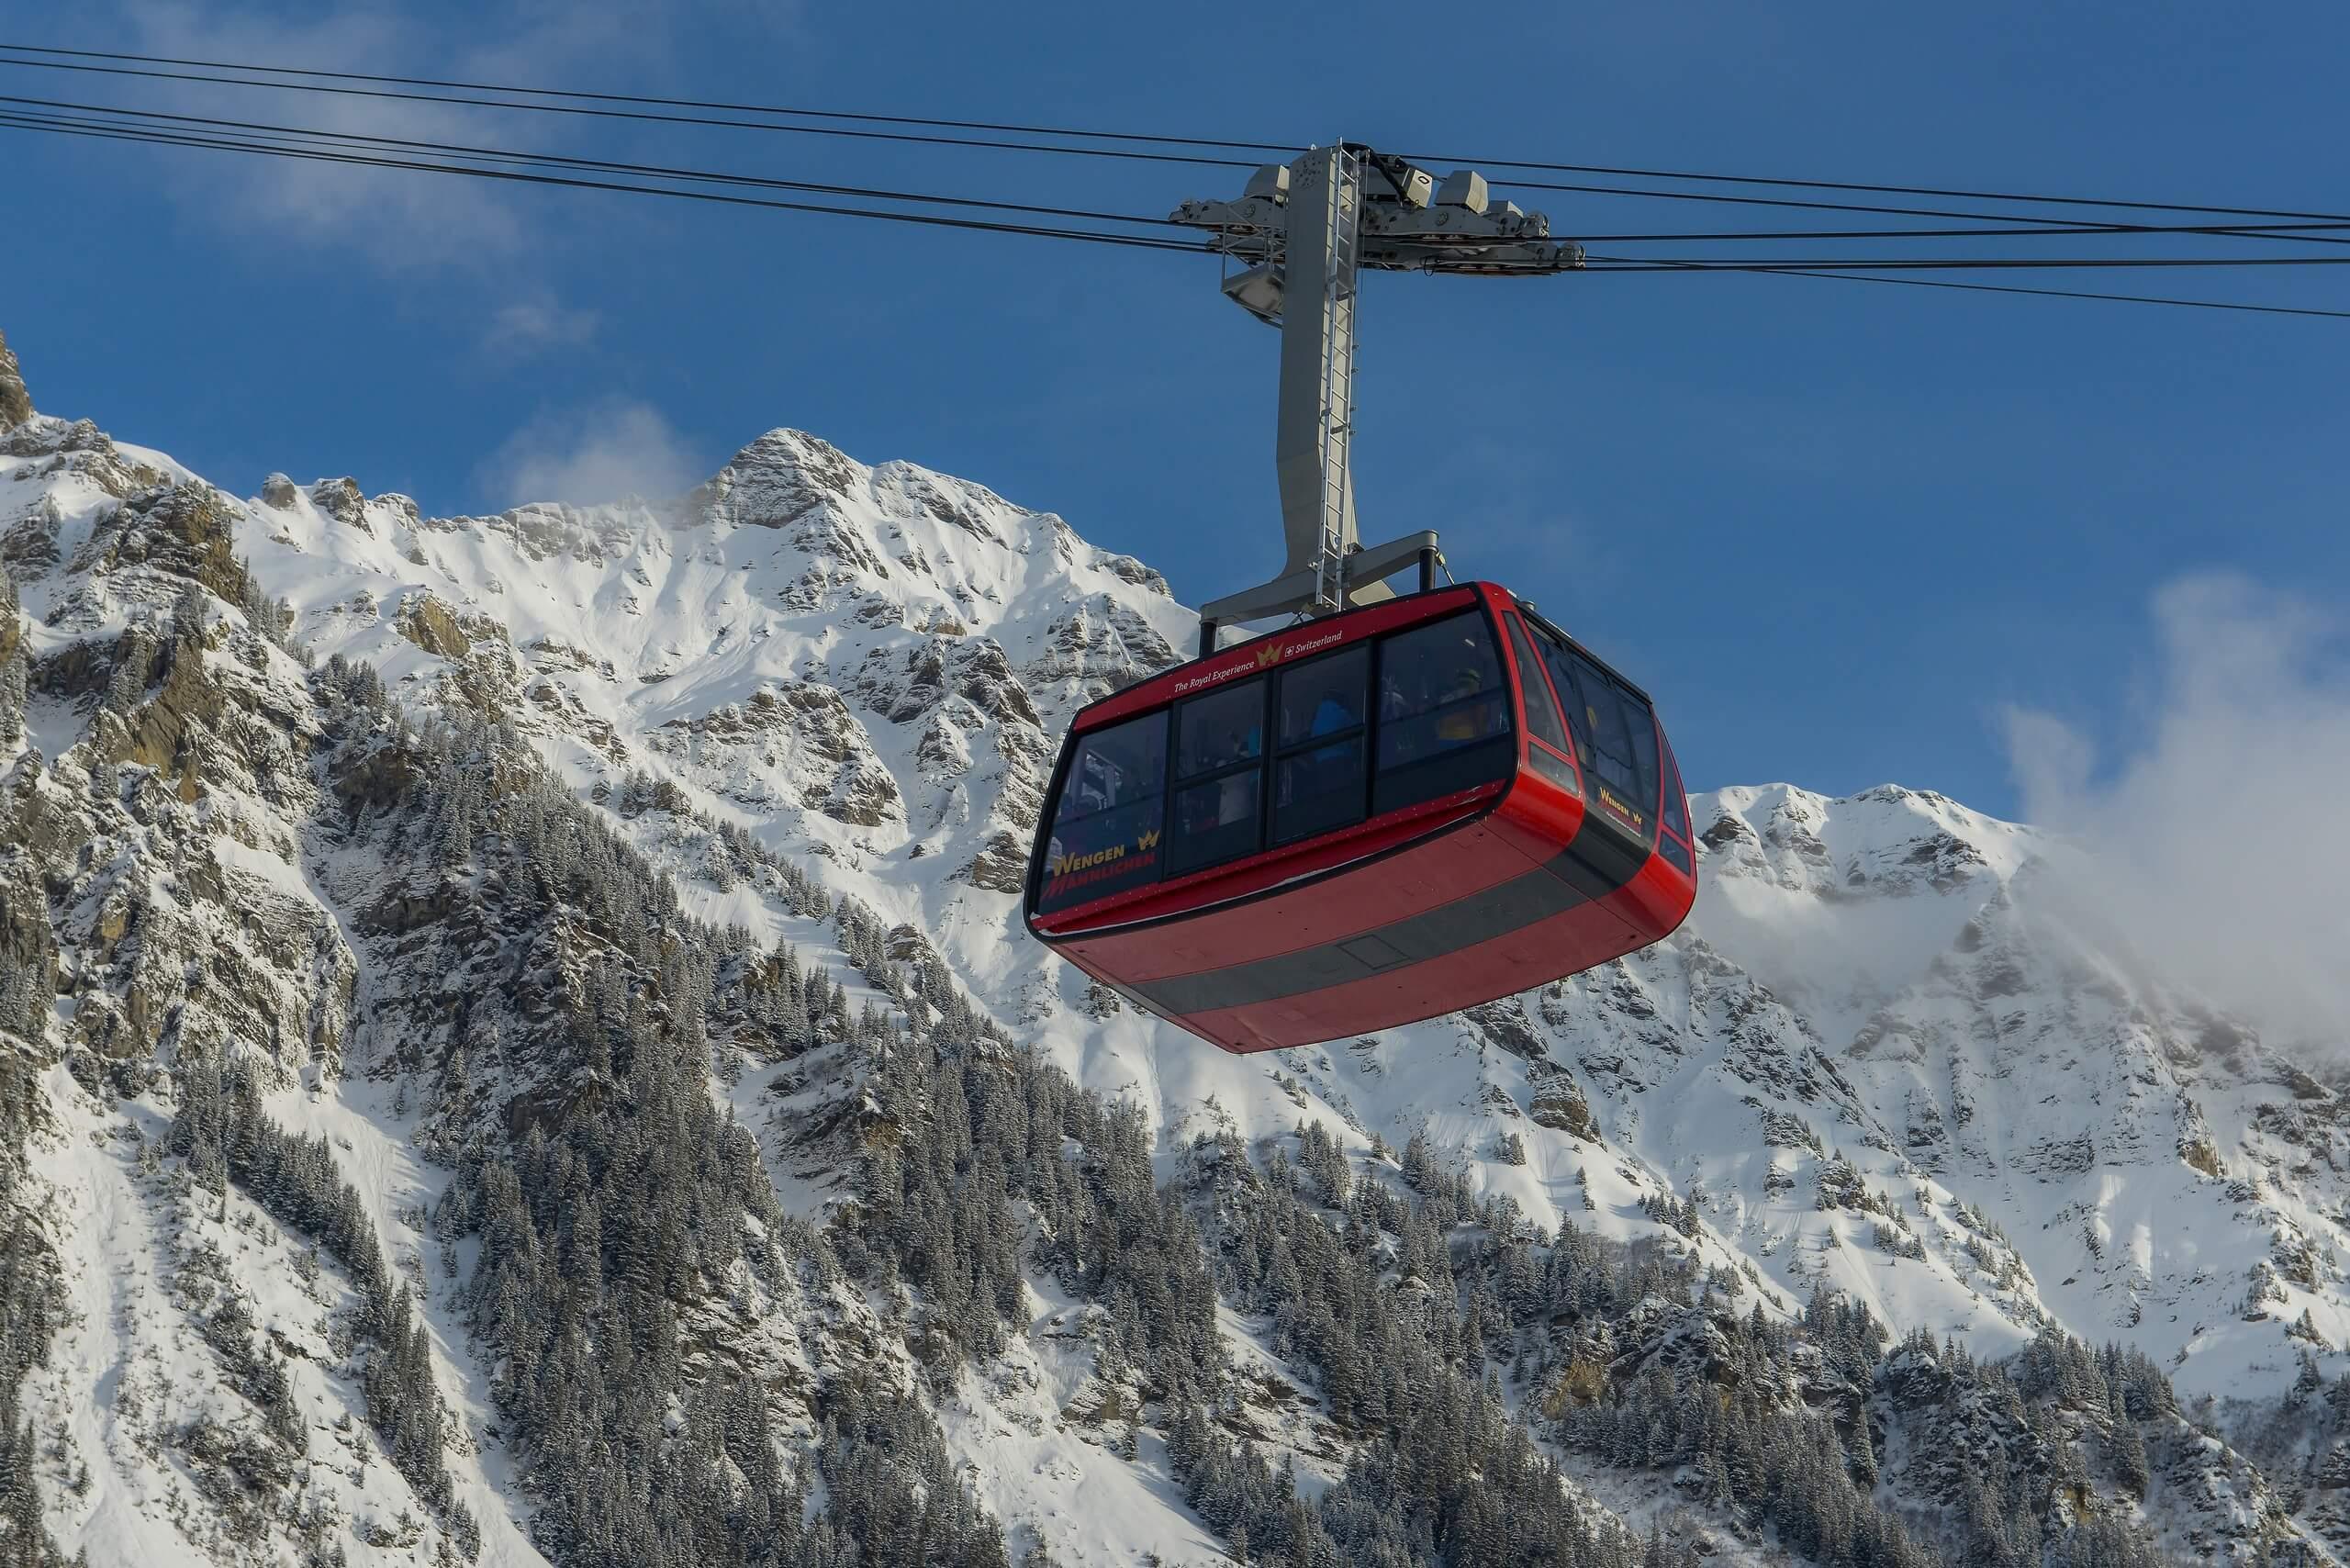 maennlichen-lwm-wengen-gondelbahn-winter-schnee